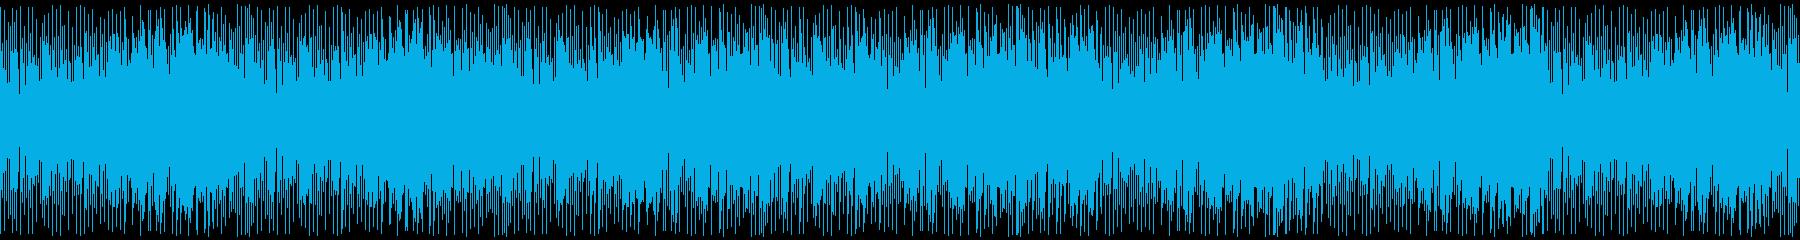 【ループ再生】シリアスなチャレジ、試験2の再生済みの波形